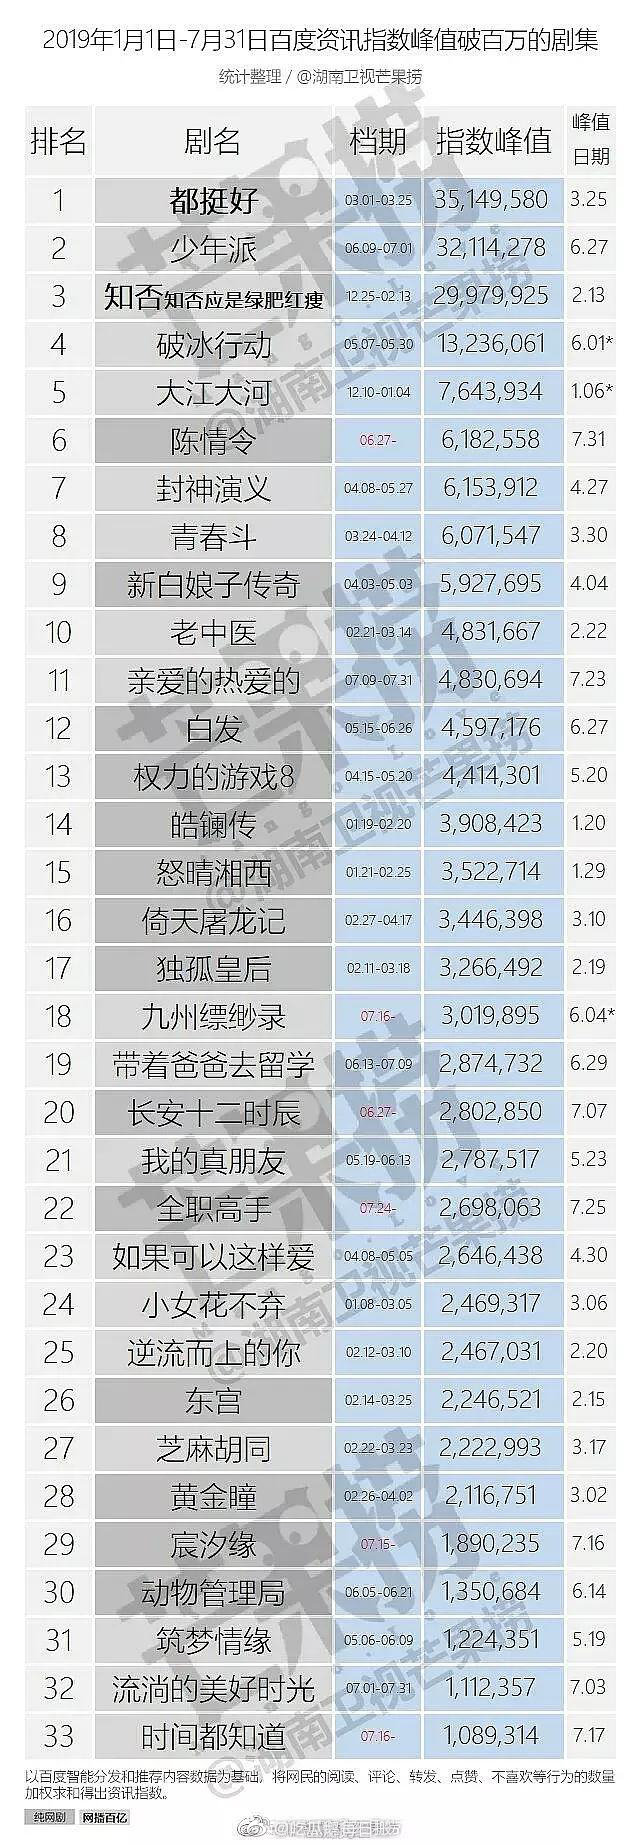 [赵丽颖][新闻]190804 2019年百度峰值破百万剧集排行榜 知否排名第三